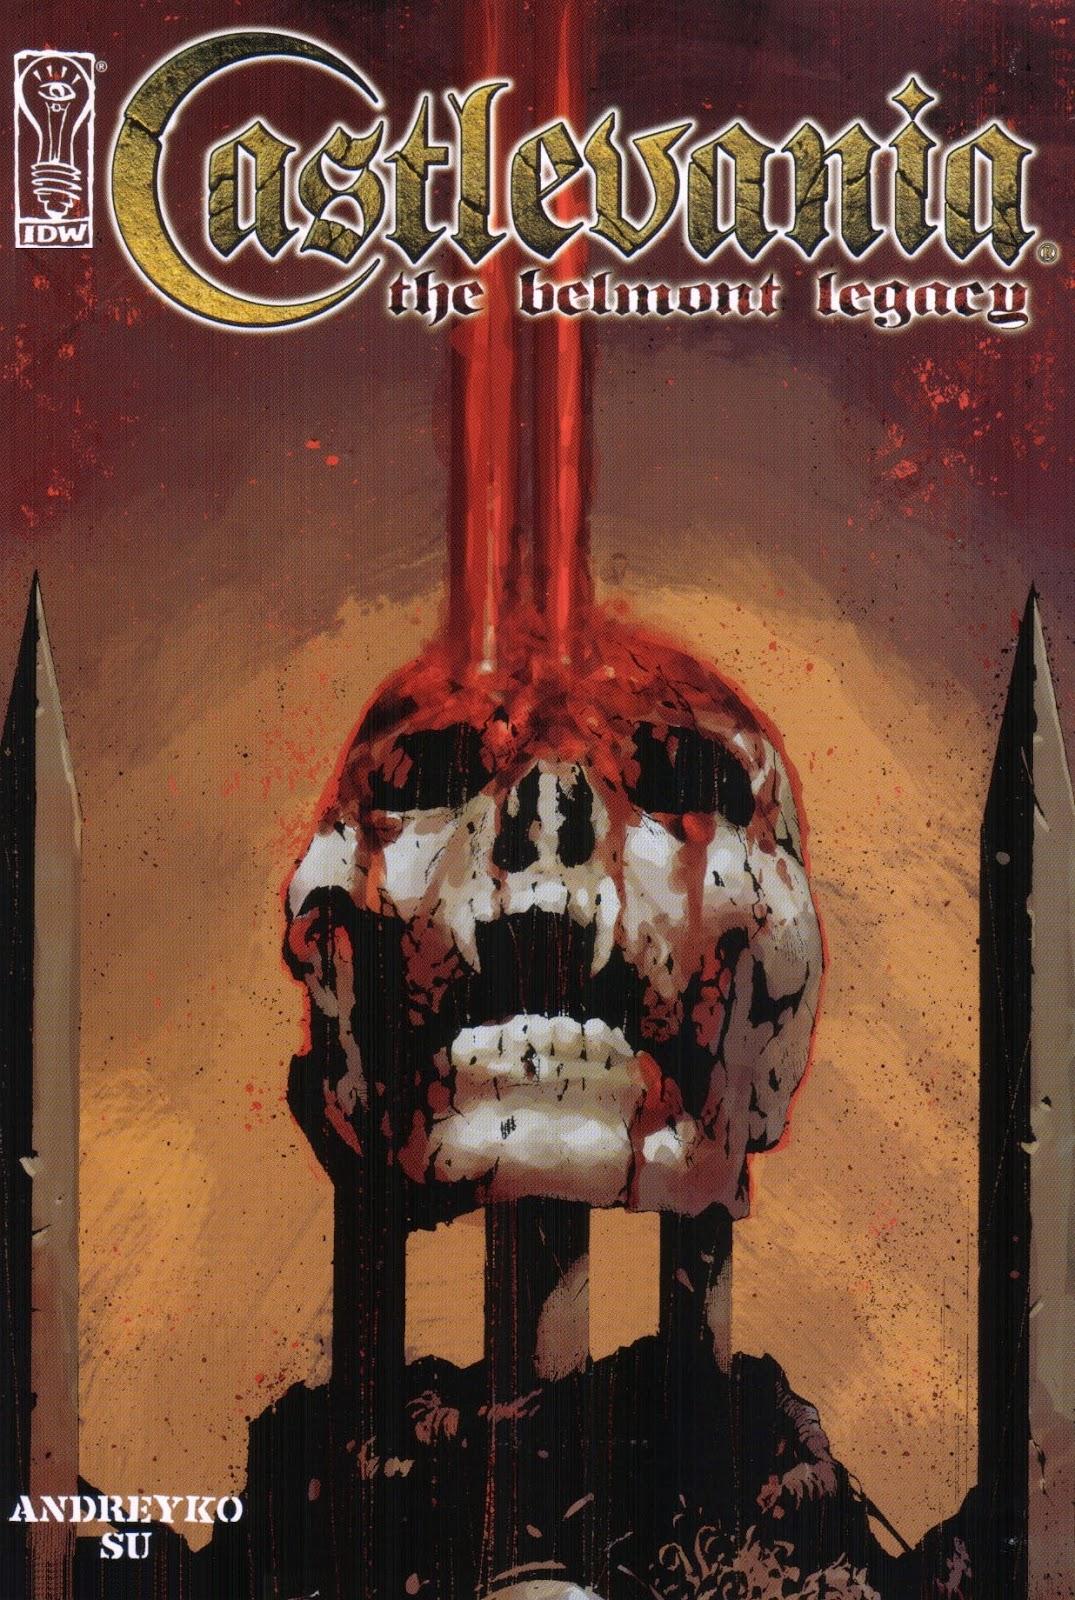 http://superheroesrevelados.blogspot.com.ar/2011/08/castlevania-belmont-legacy.html